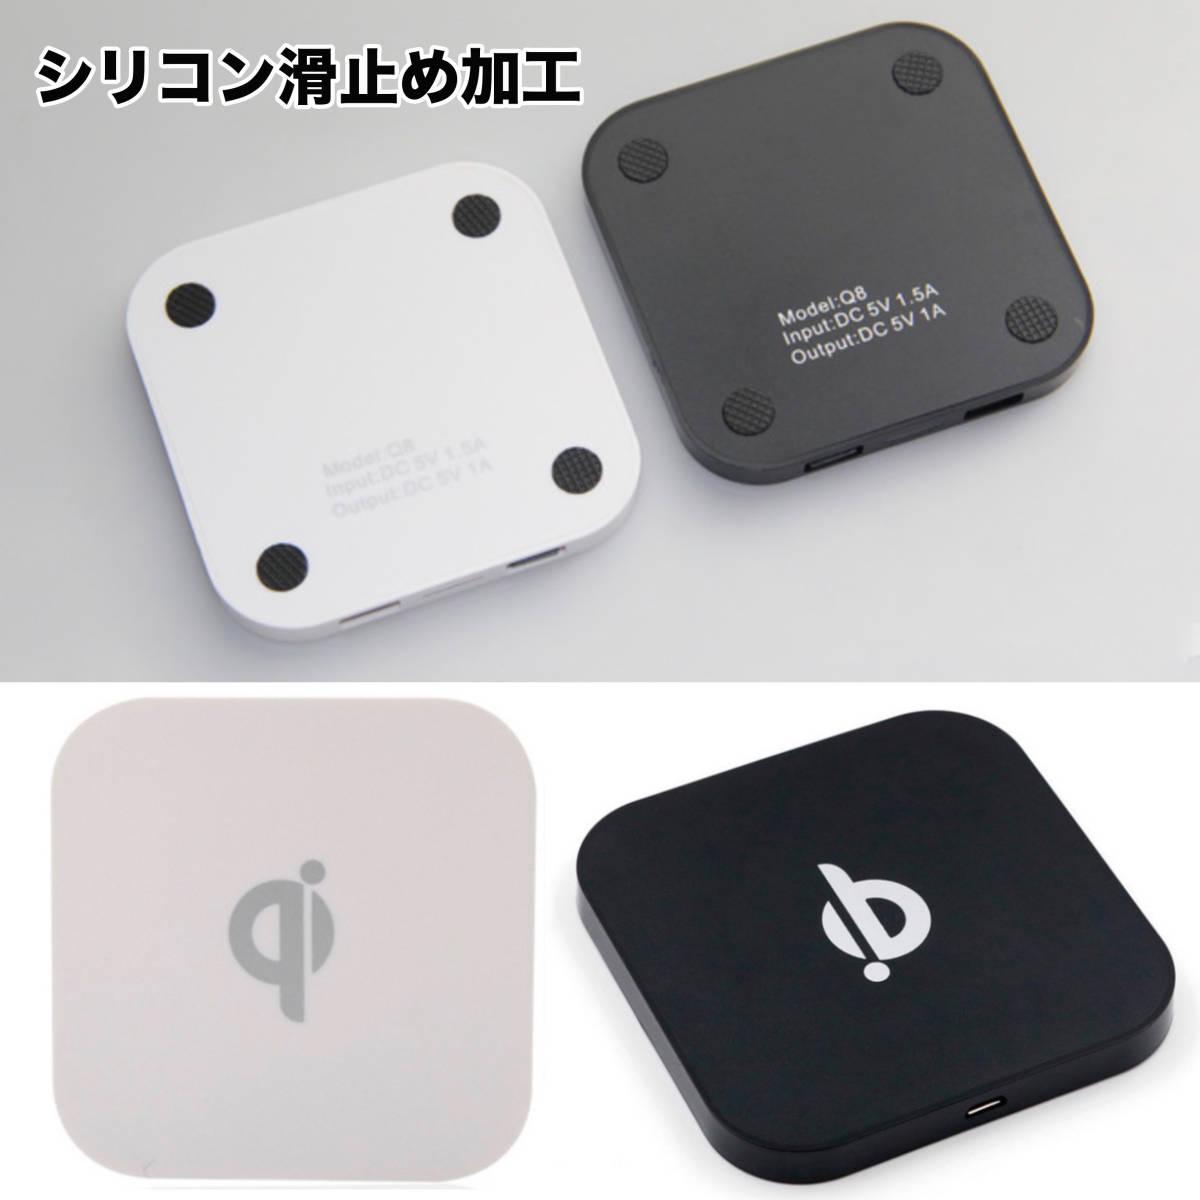 2台セット ワイヤレス充電器 卓上【急速10Wグレードアップ】 折畳み スタンド&おくだけパッド USB出力2口 3台同時充電 [黒&白] _画像6